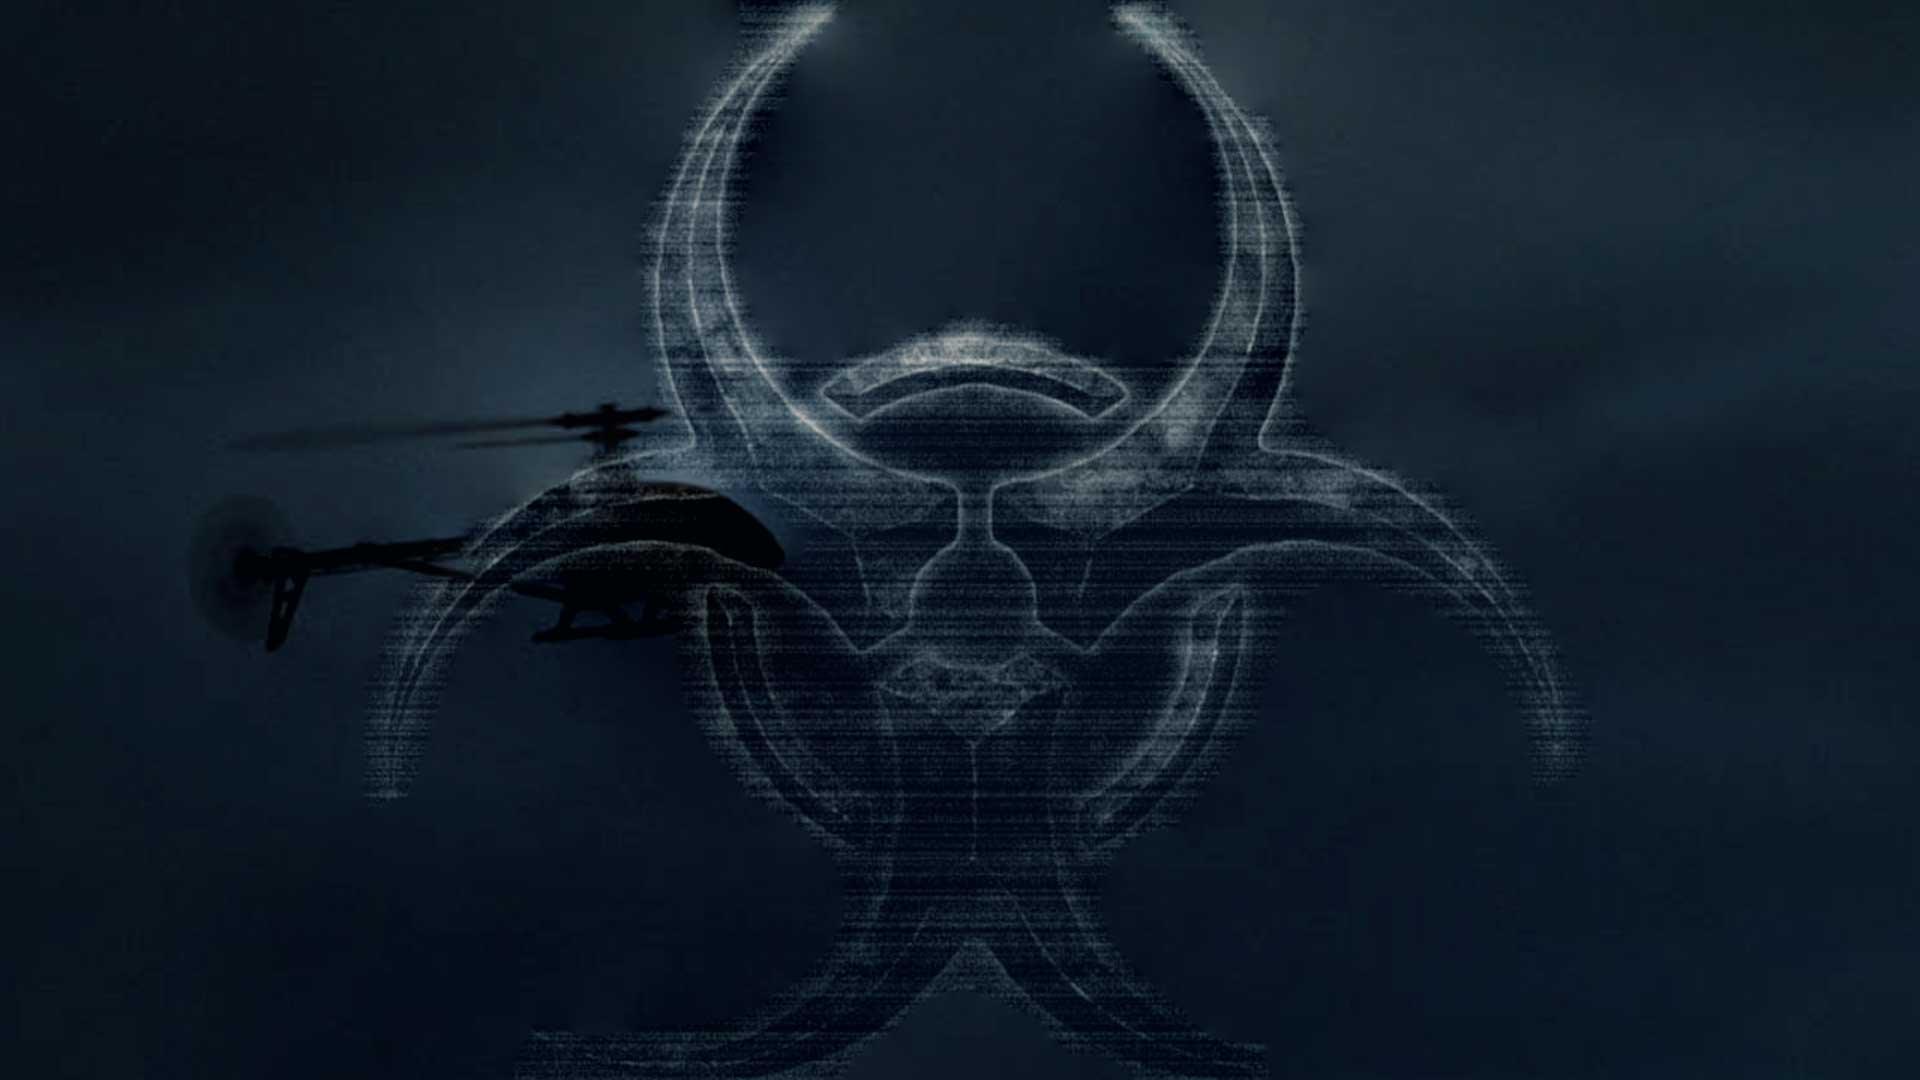 El misterio de los Helicópteros Negros de tecnología alienígena